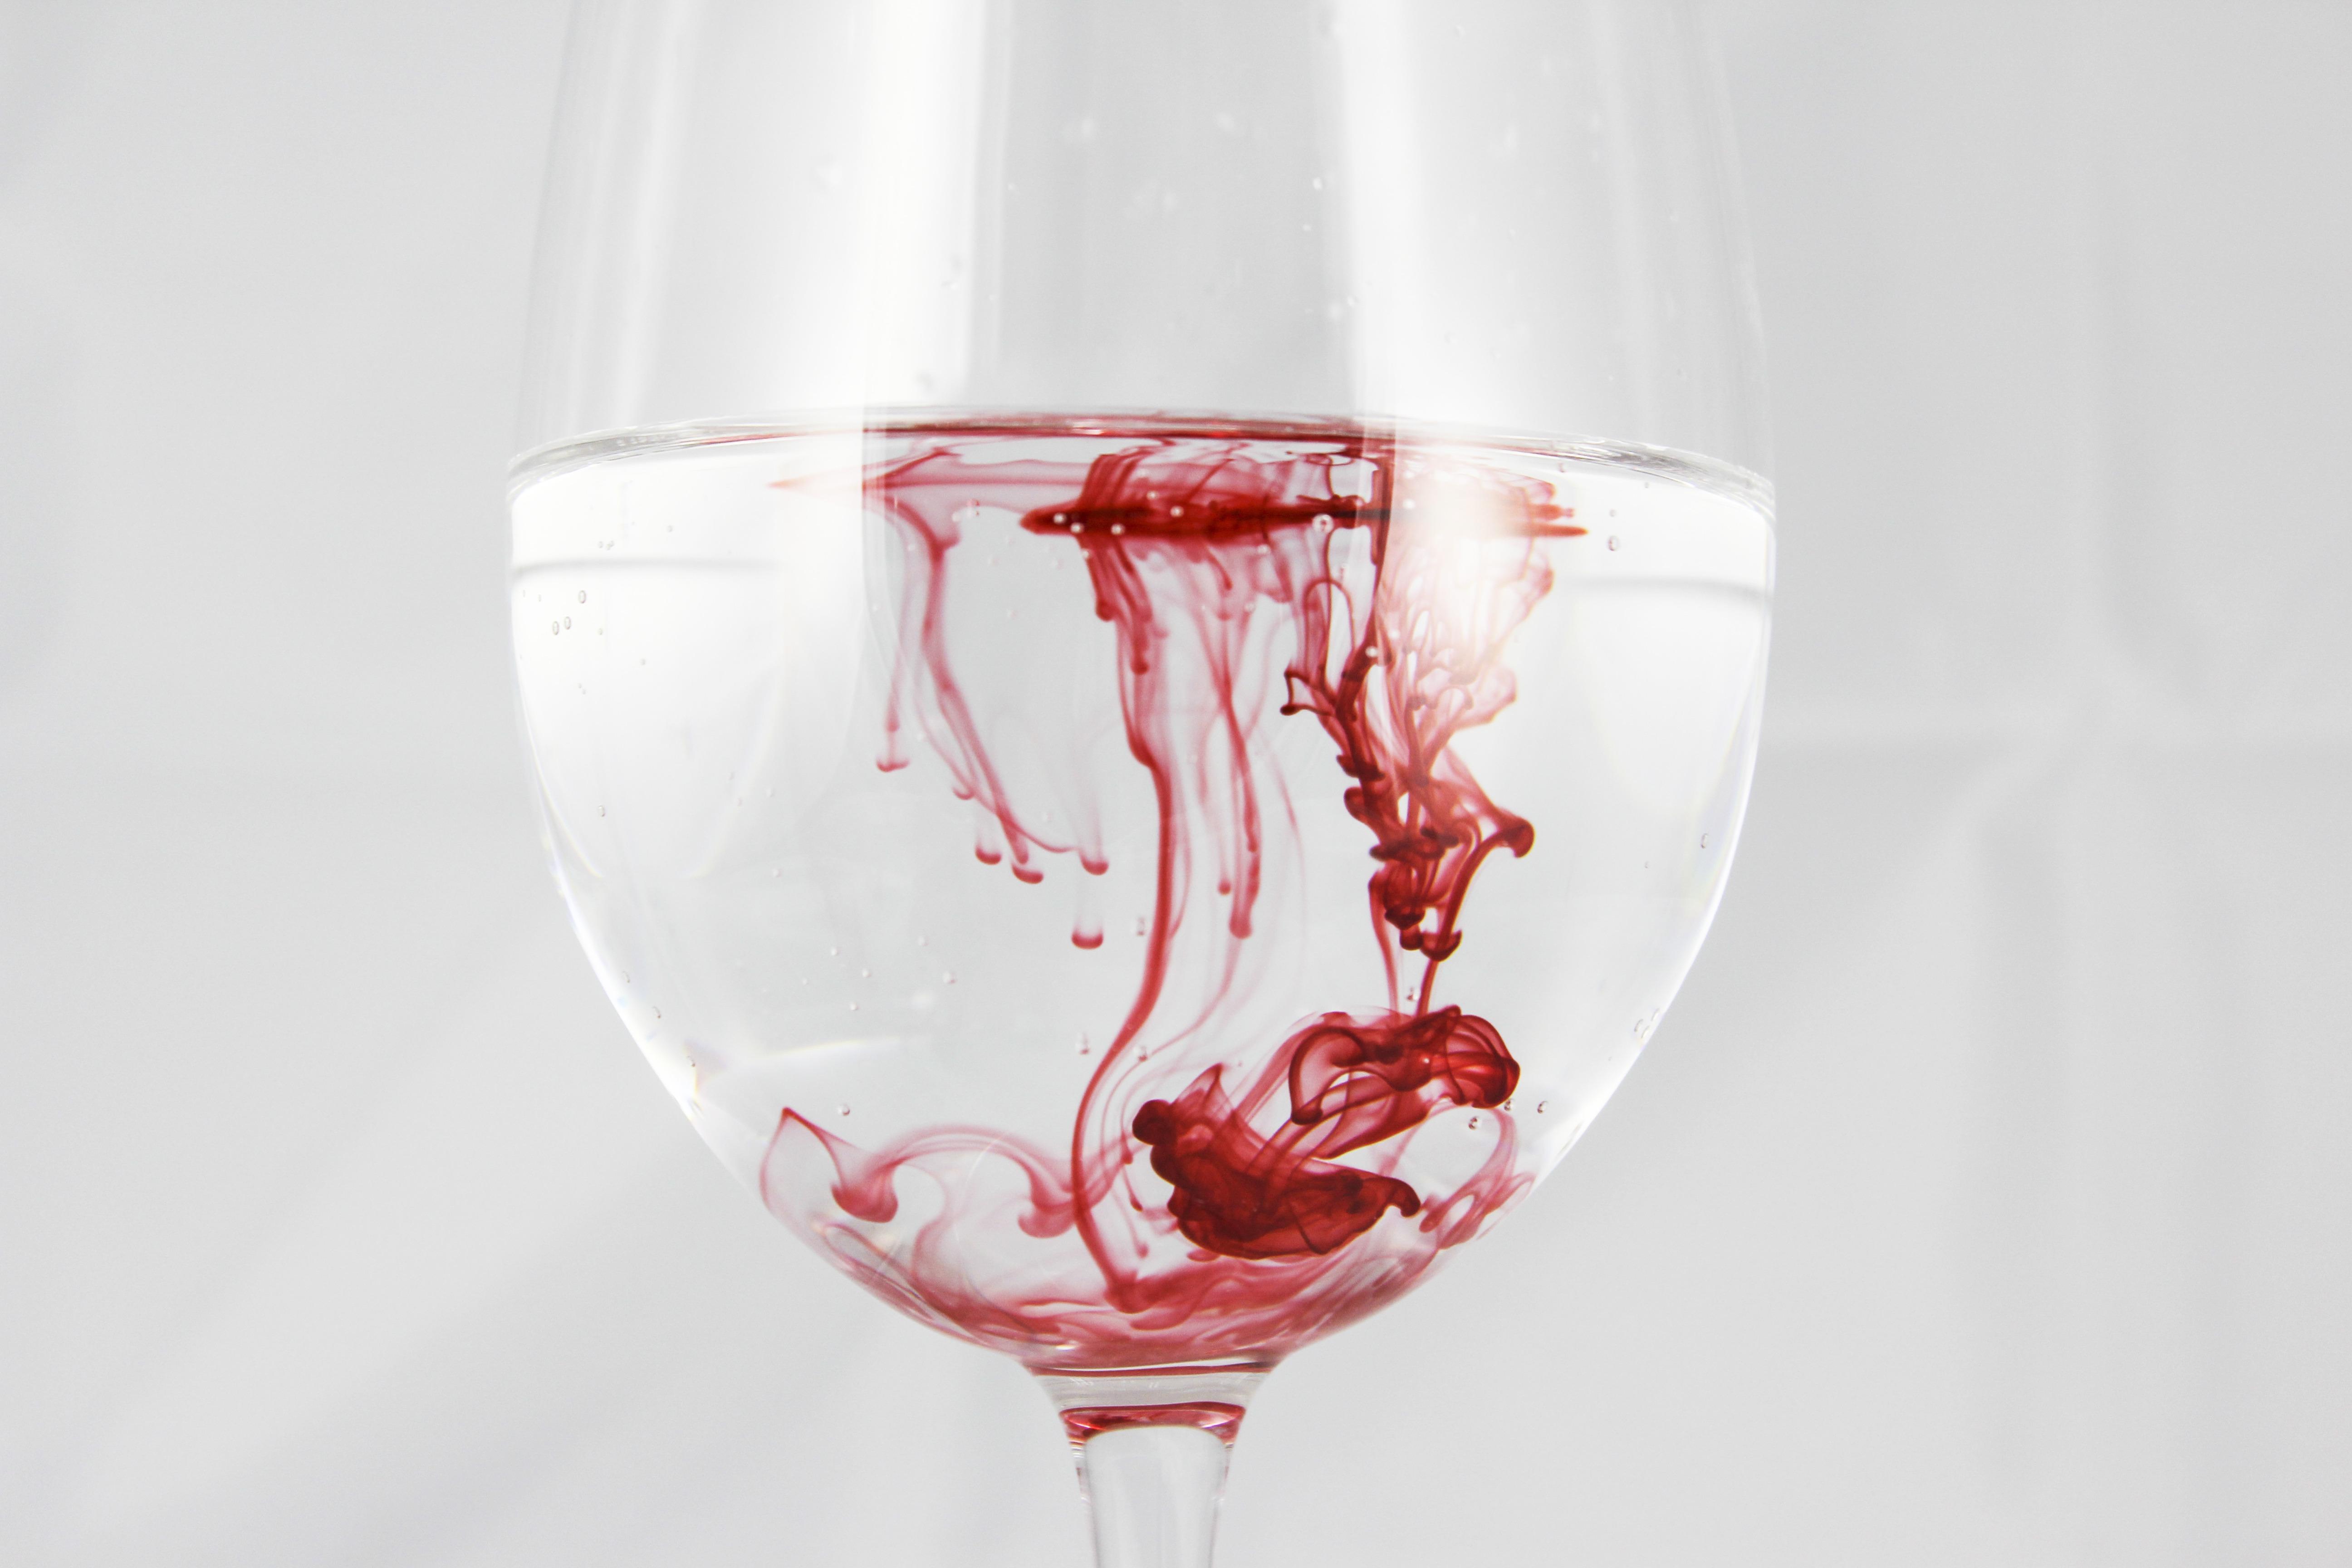 venu sângele de sânge